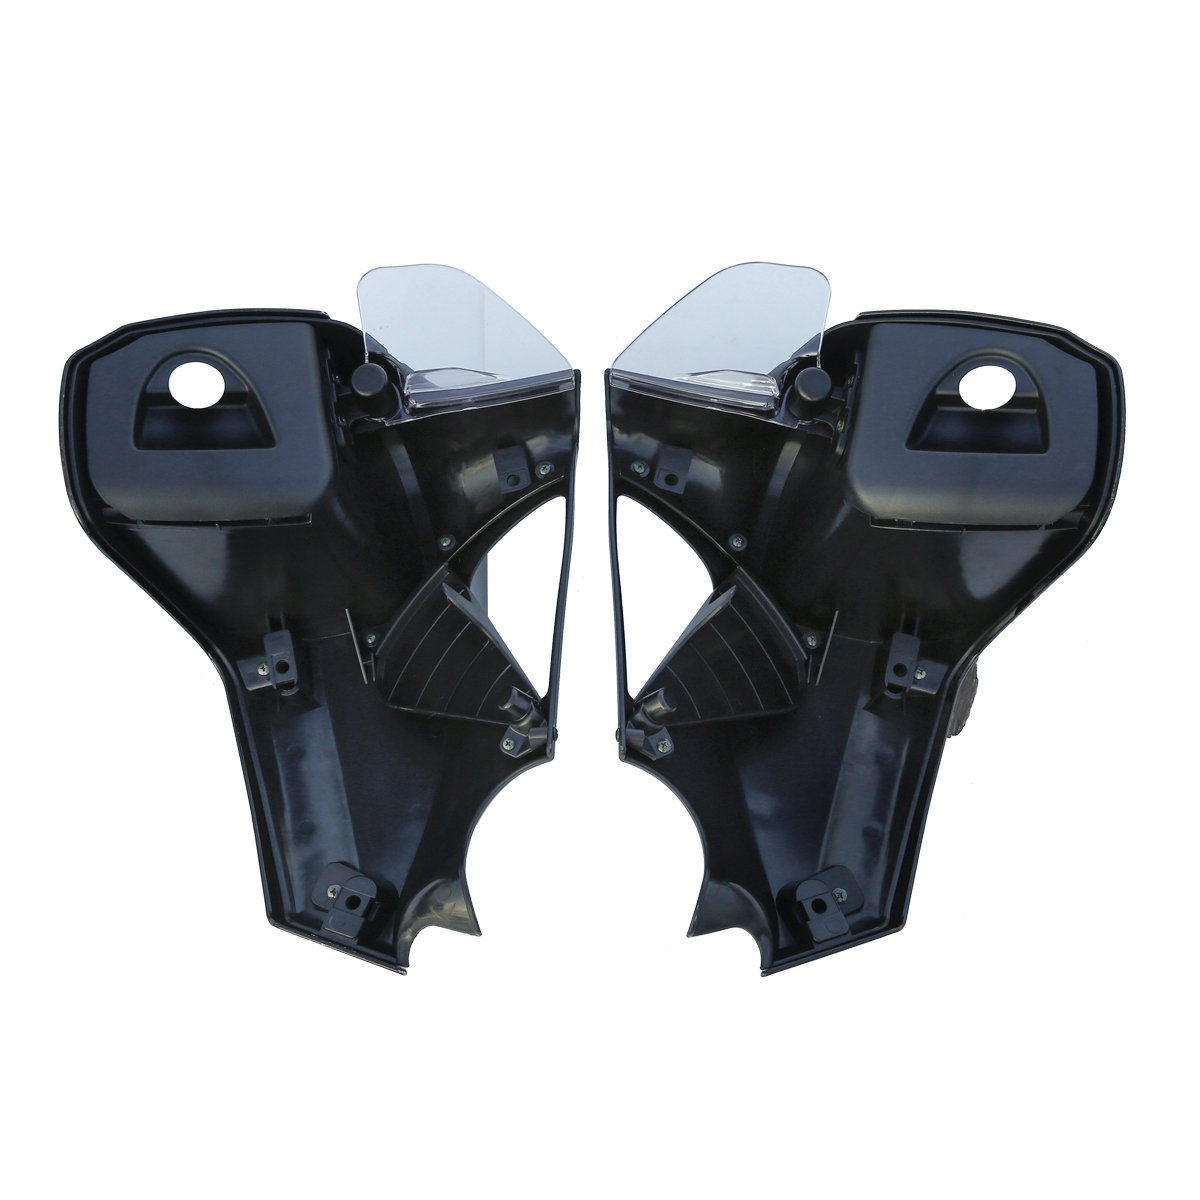 XFMT Black Hard Lower Vented Fairing Inner Kit For Indian Chieftain 2014-2016 2018 15